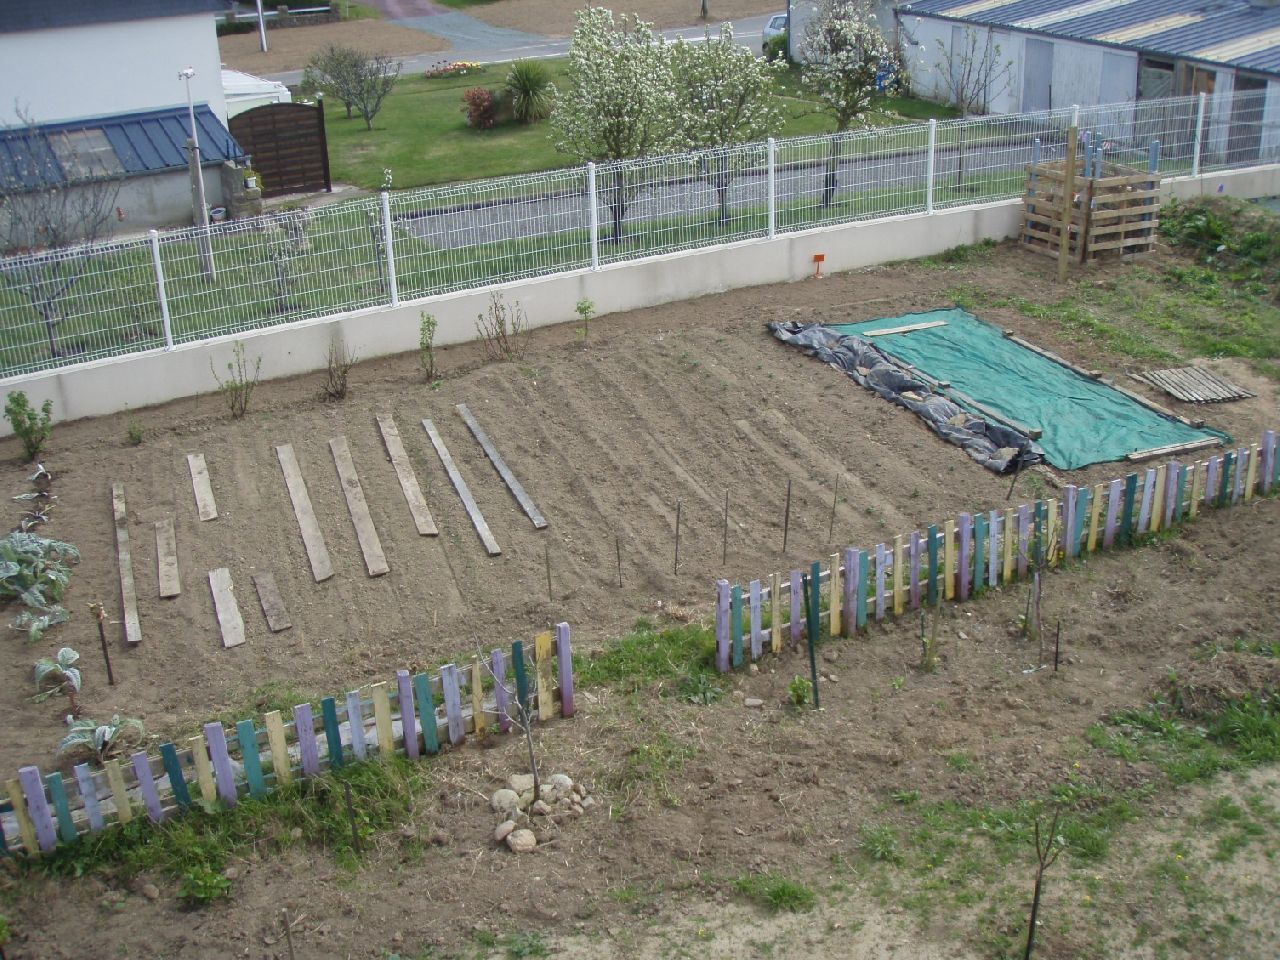 Barriere Palette Jardin ~ Meilleures idées pour la conception et l ...